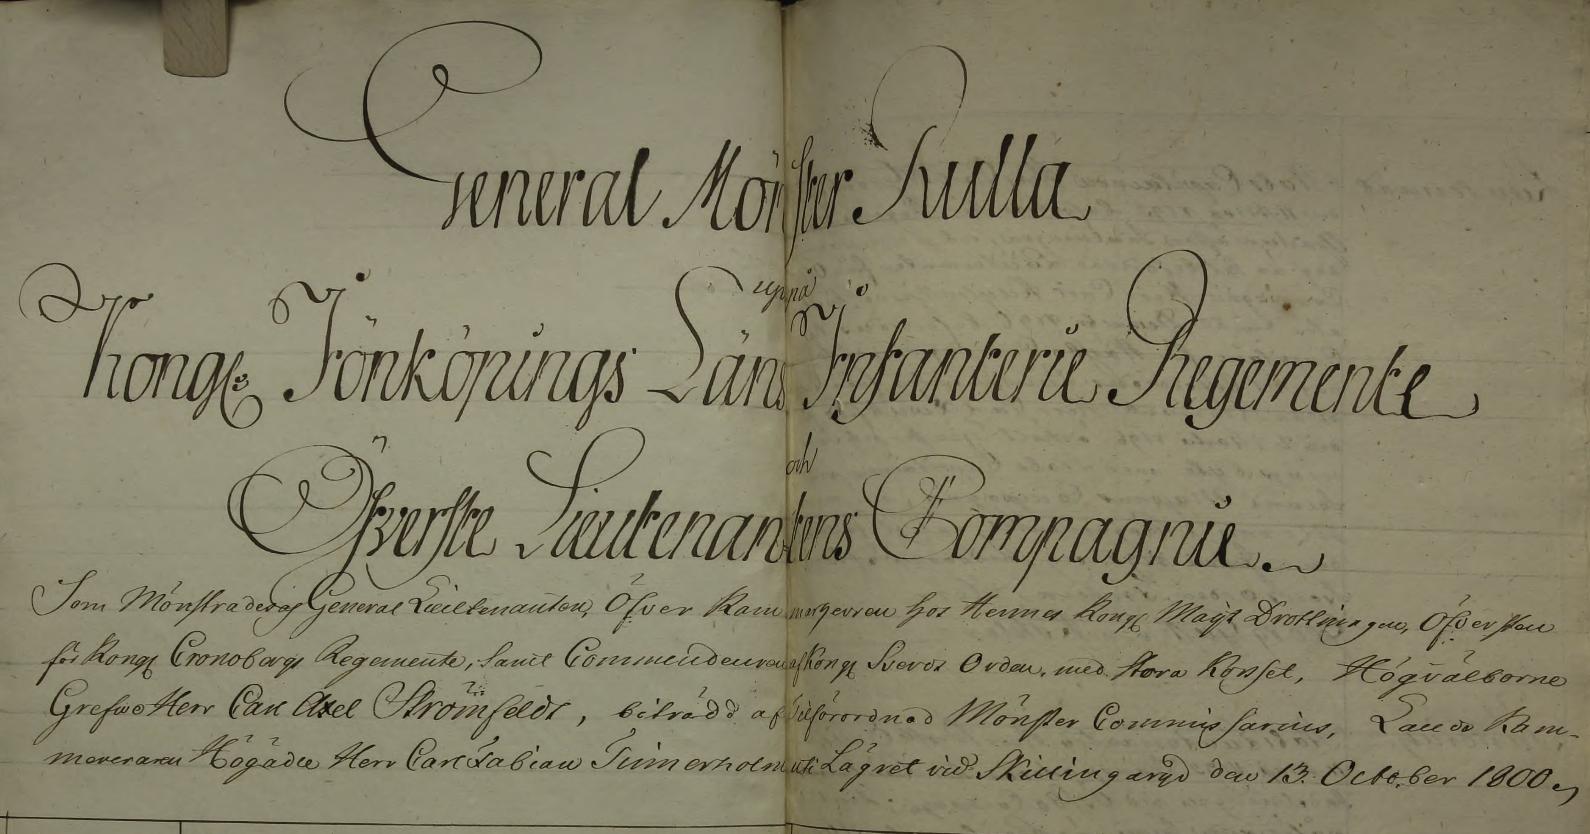 General mönster rulla för Jönköpings Regemente, 1800